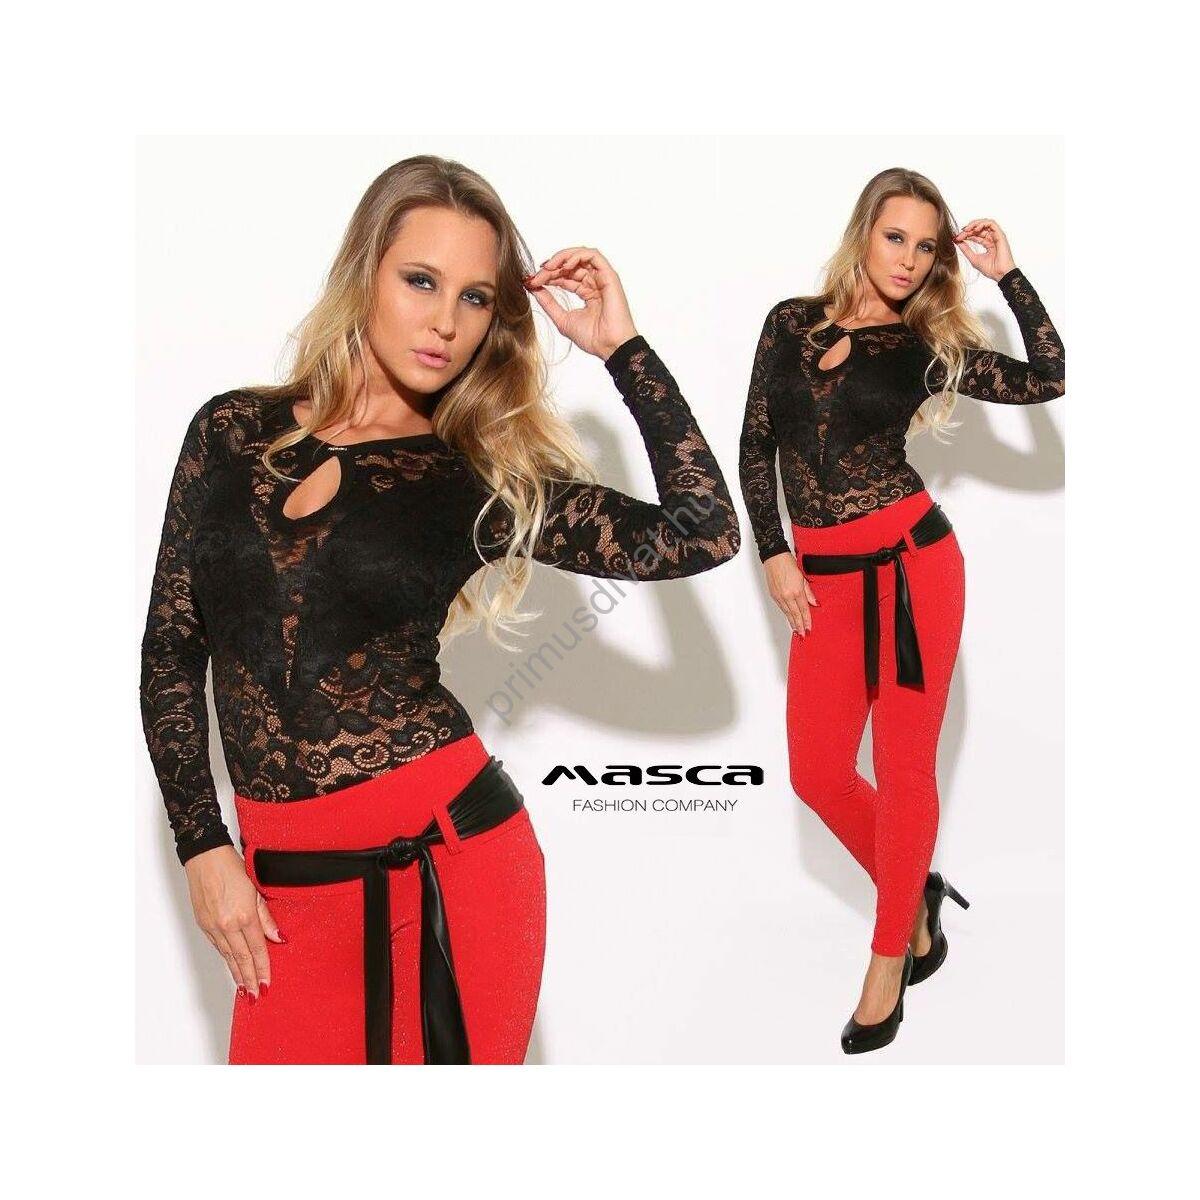 Masca Fashion csepp-kivágott rafináltan alábélelt fekete csipke body 43614e4a05